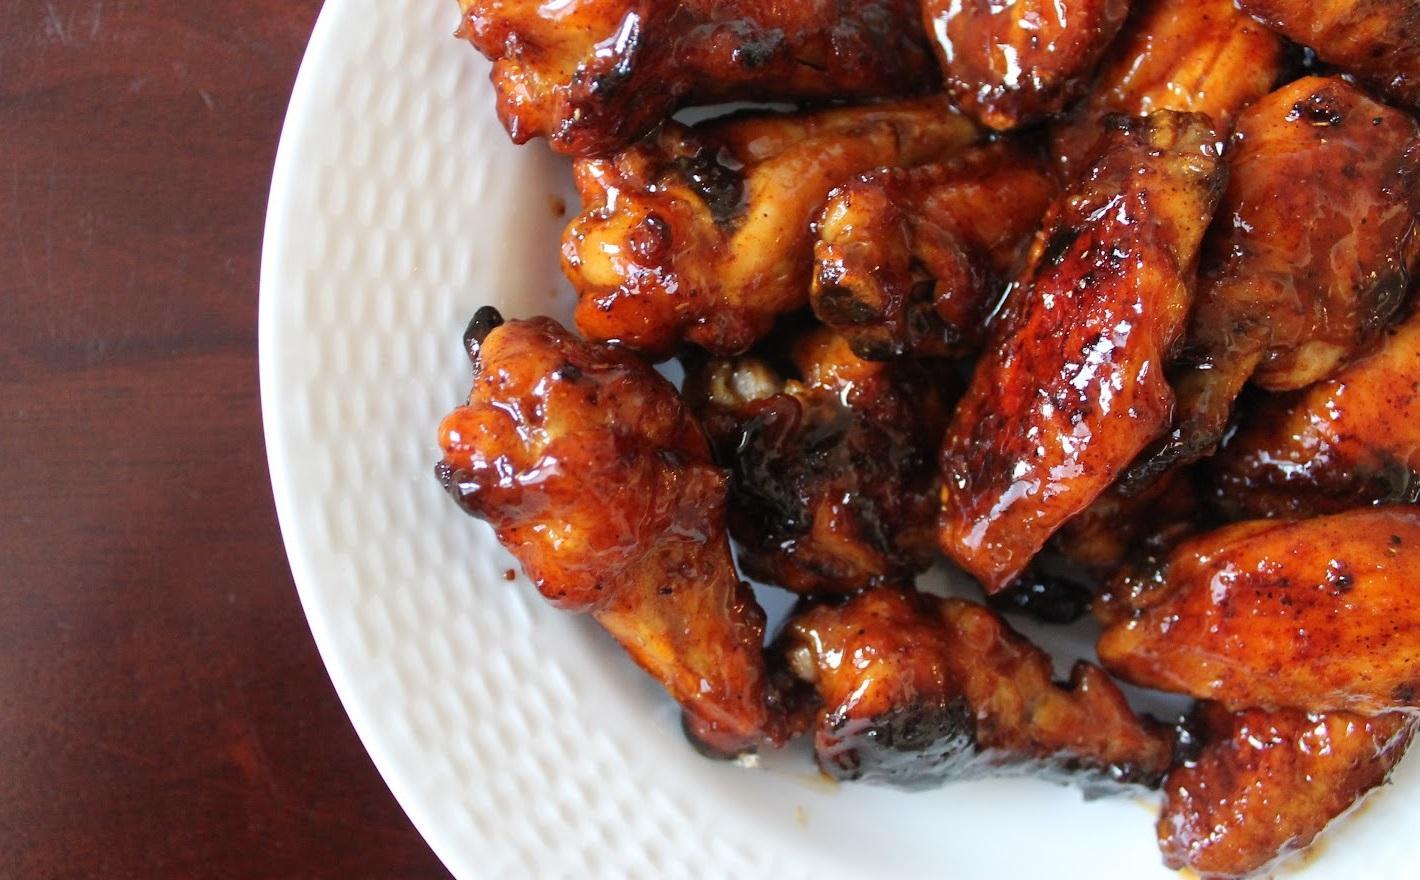 asas de frango, uma receita deliciosa